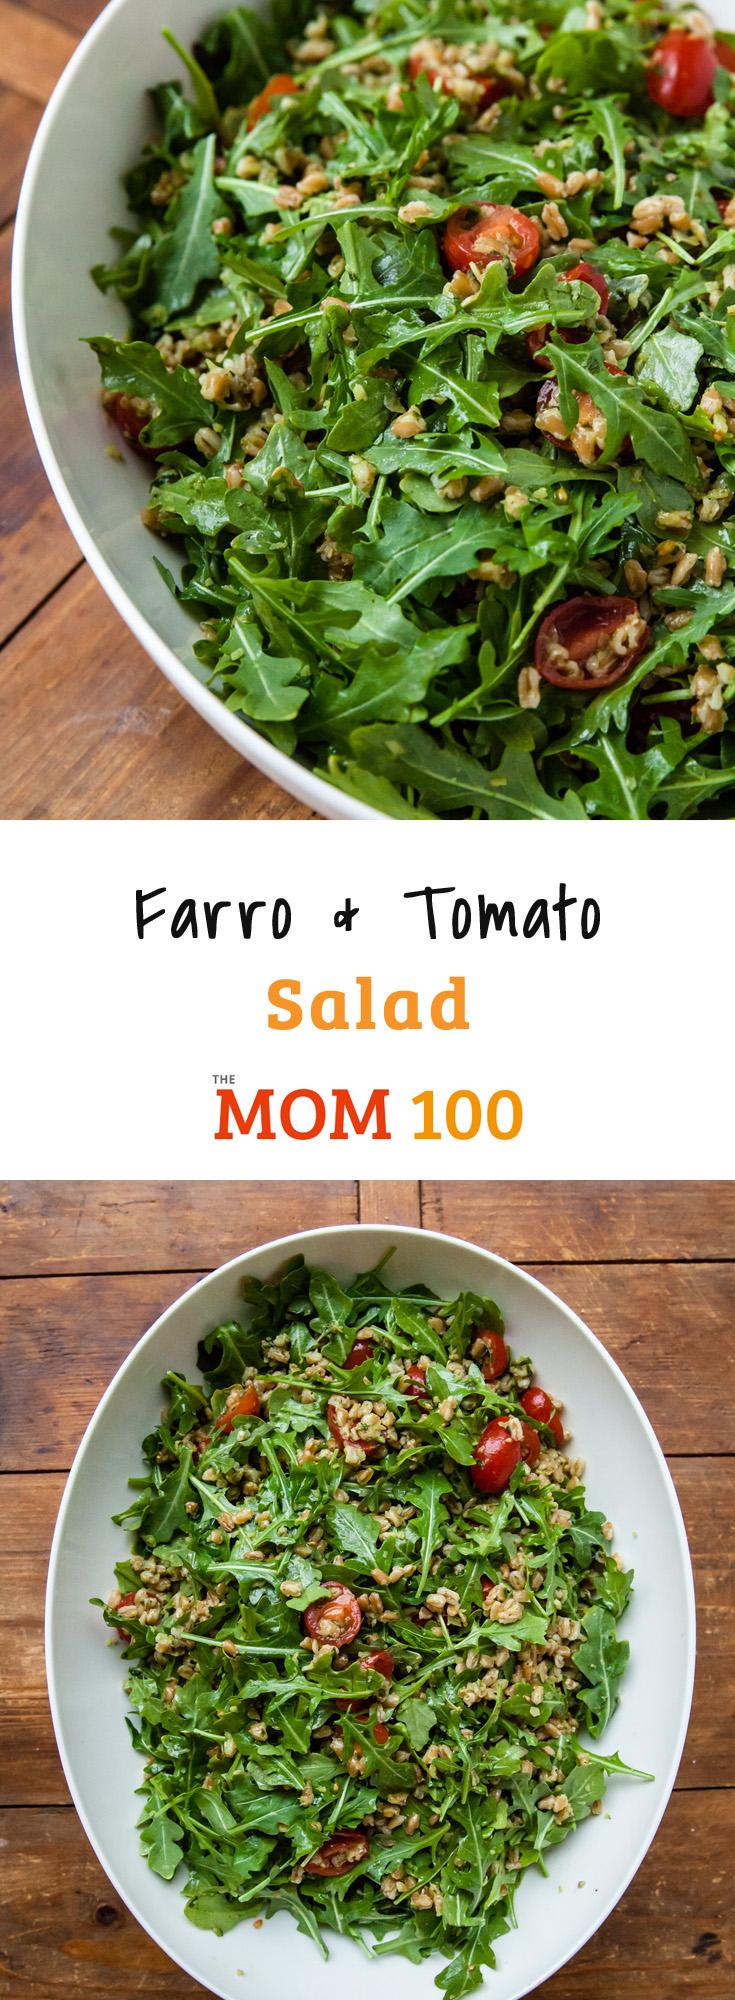 Farro and Tomato Salad